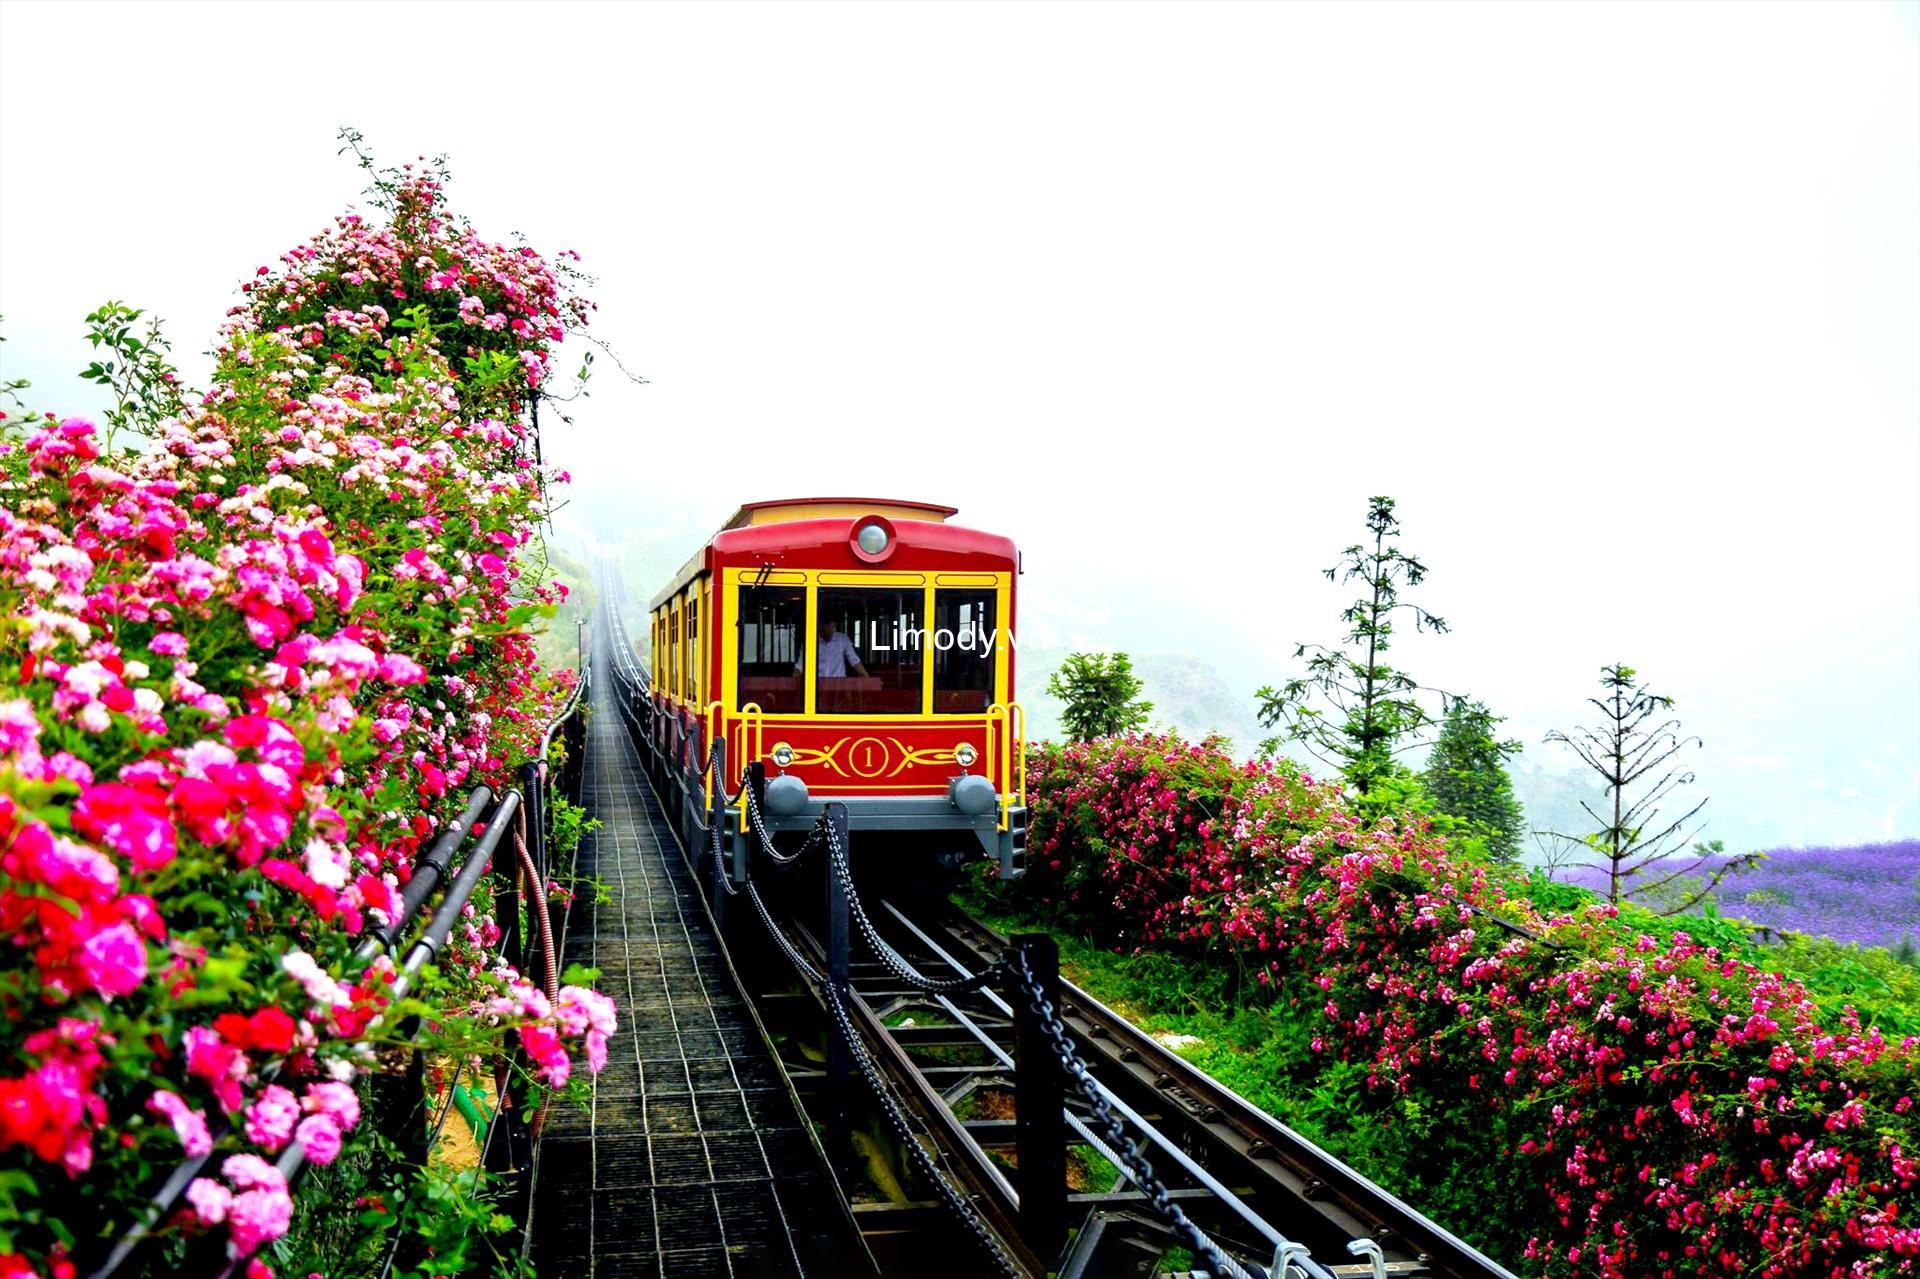 Vé tàu đi Sapa Hà Nội: Bảng giá chi tiết và hướng dẫn đặt vé qua mạng